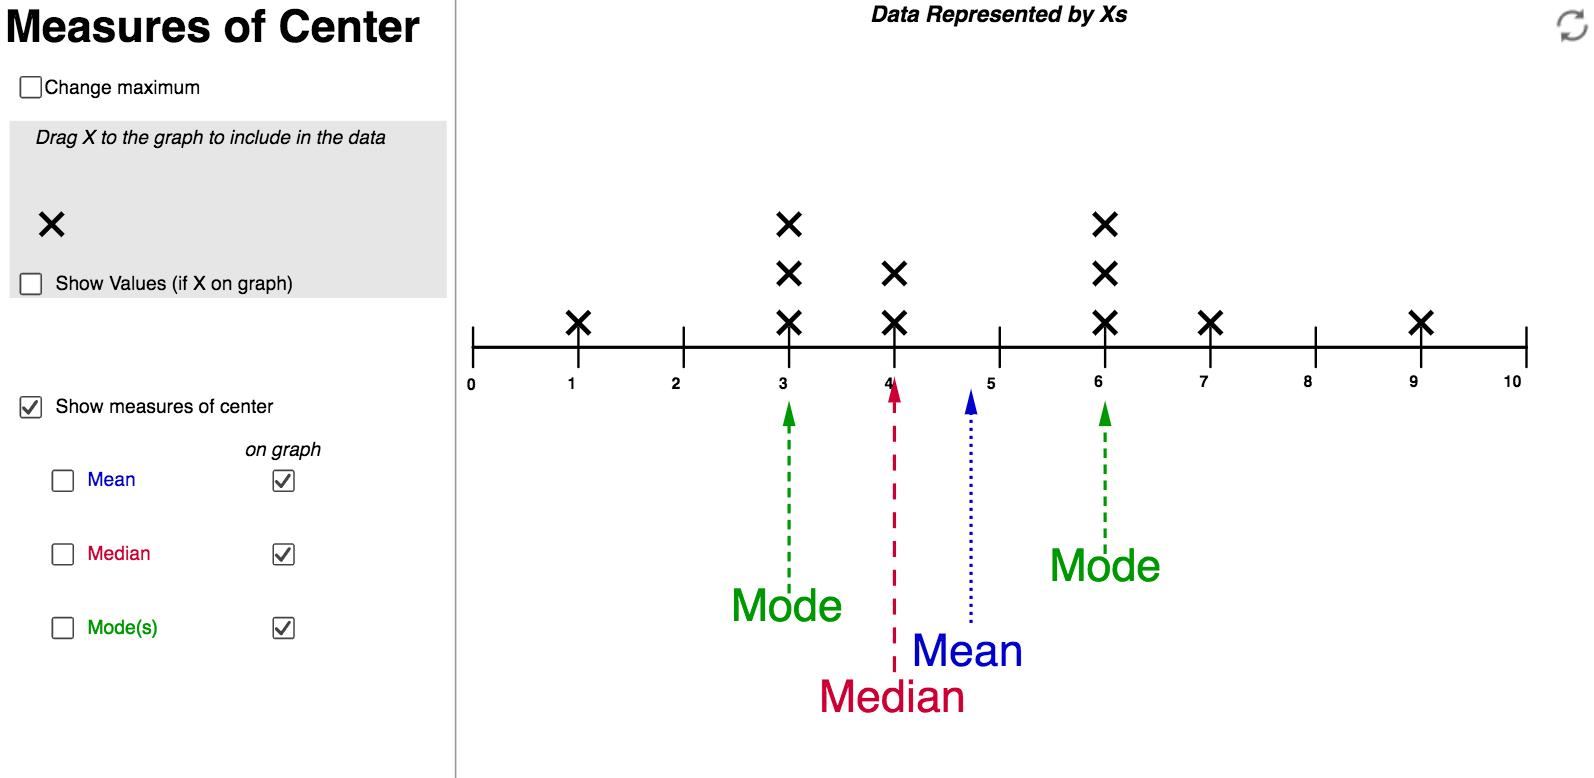 Measures of Center - Dot Plot